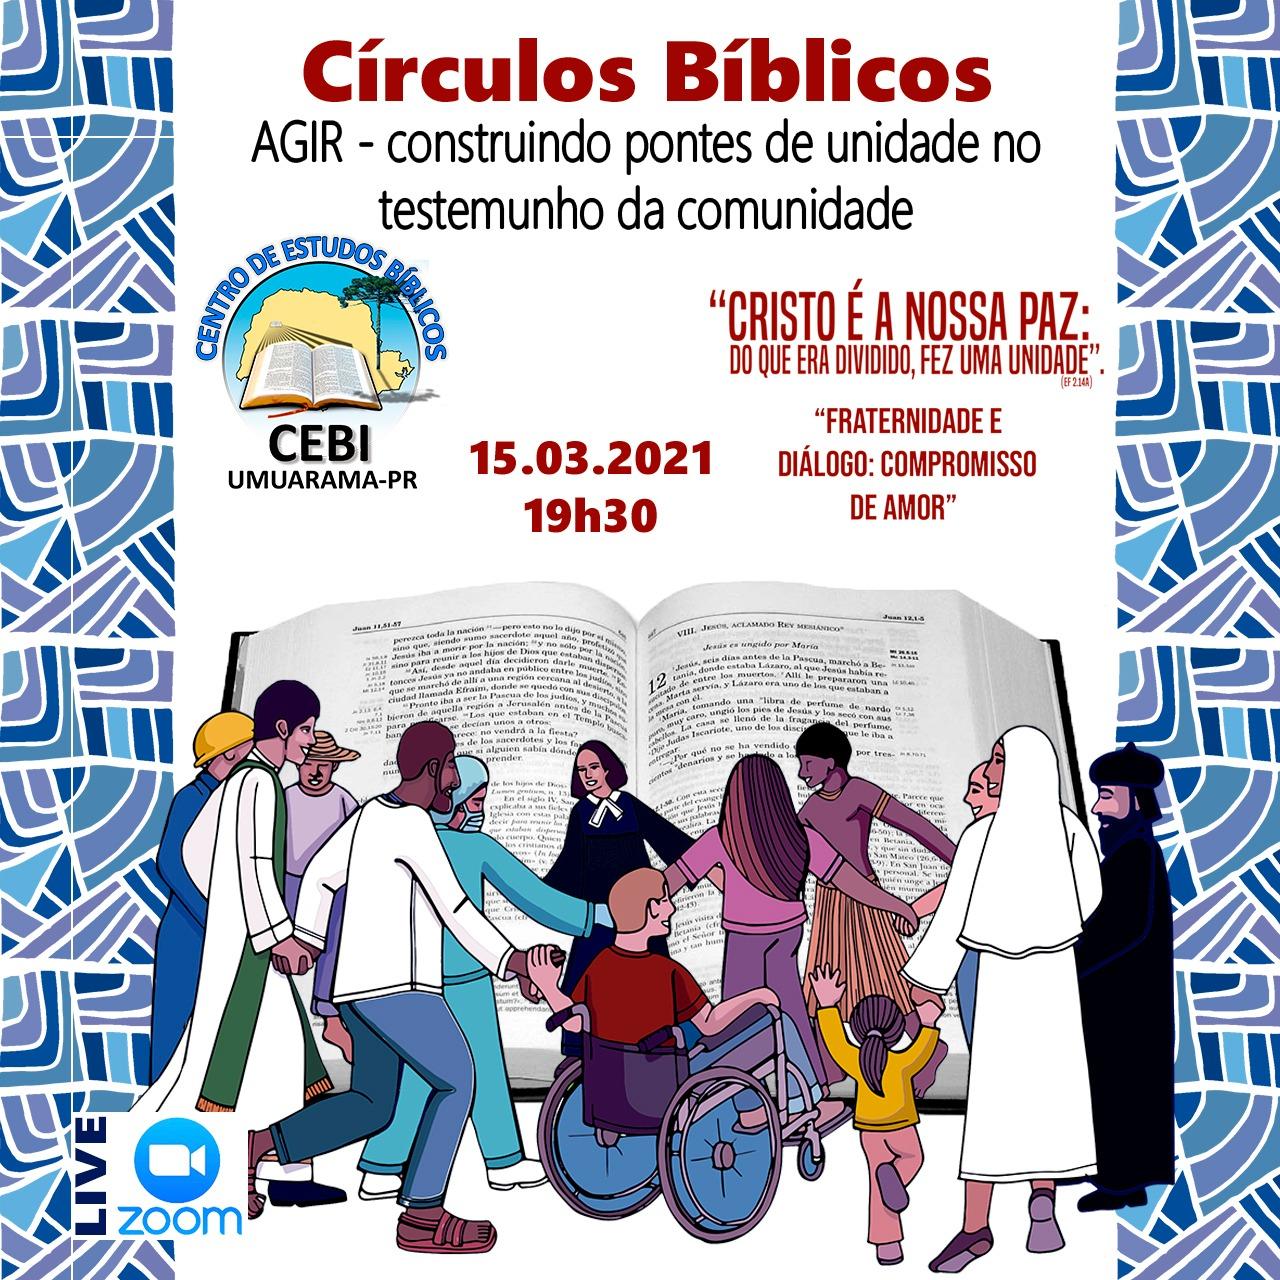 """""""AGIR-Construindo pontes de unidade no testemunho da comunidade"""" é o tema do Círculo Bíblico do CEBI Umuarama nesta segunda(15)"""